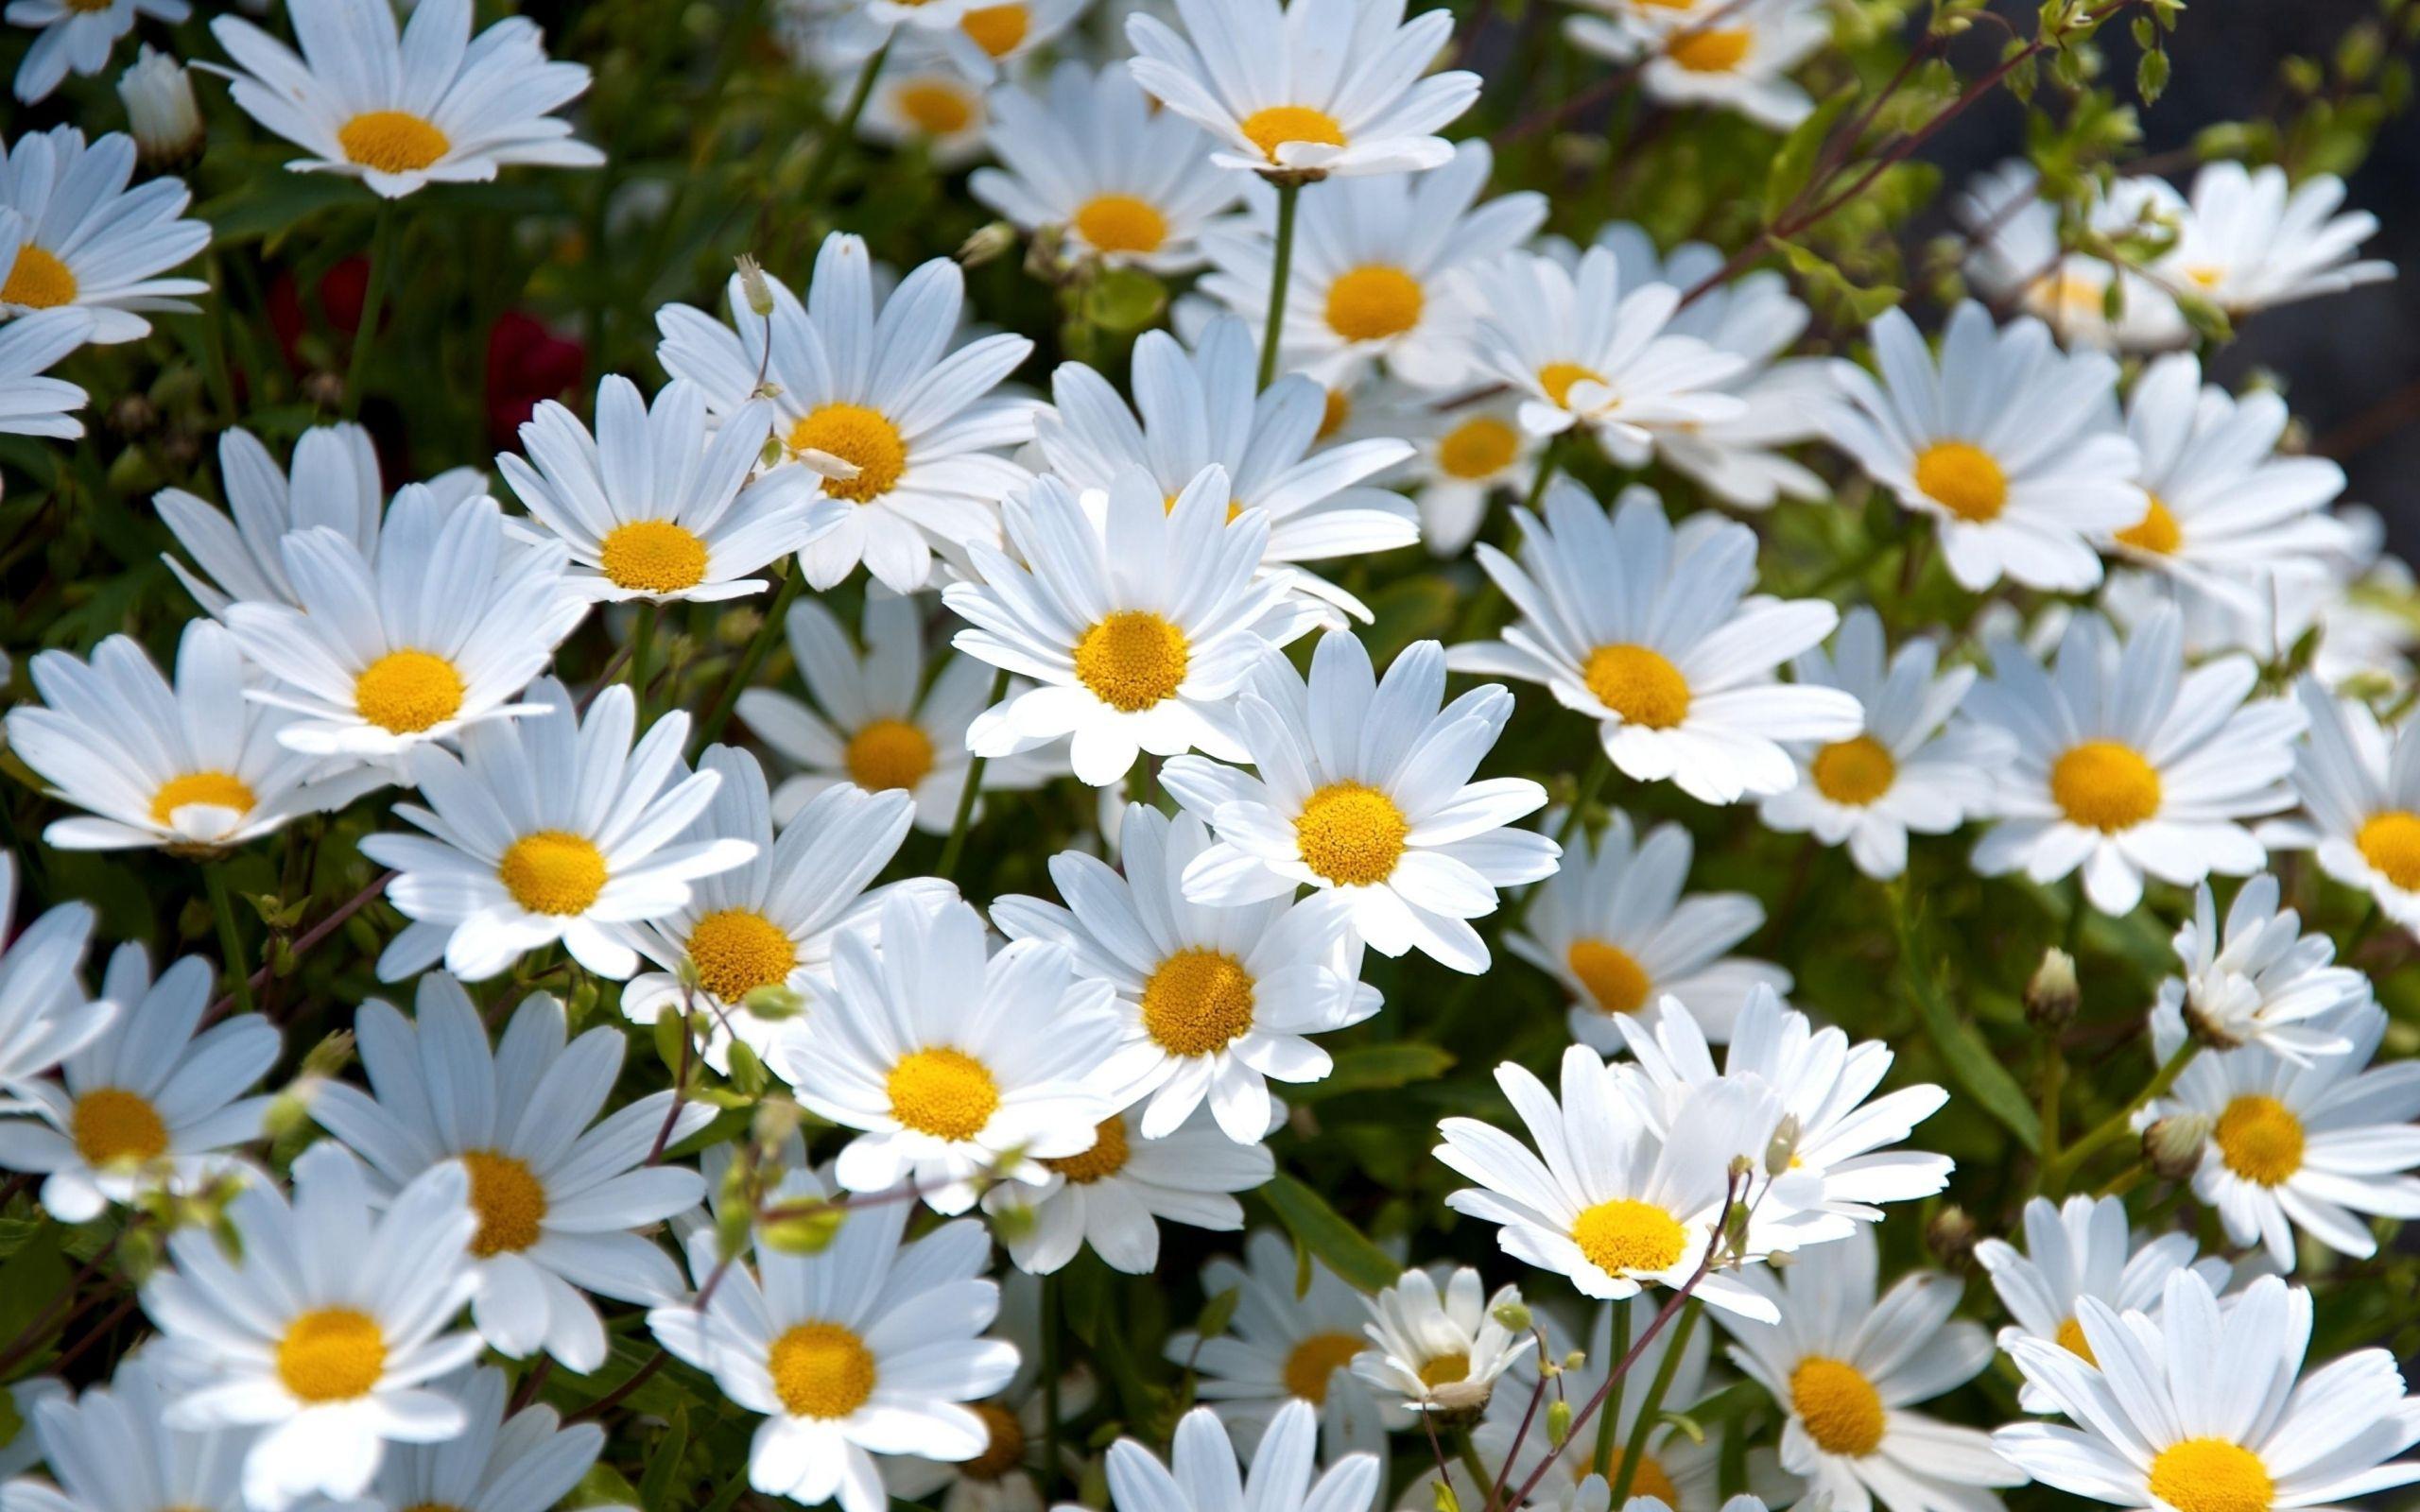 Daisy Wallpaper High Quality Daisy wallpaper, Daisy